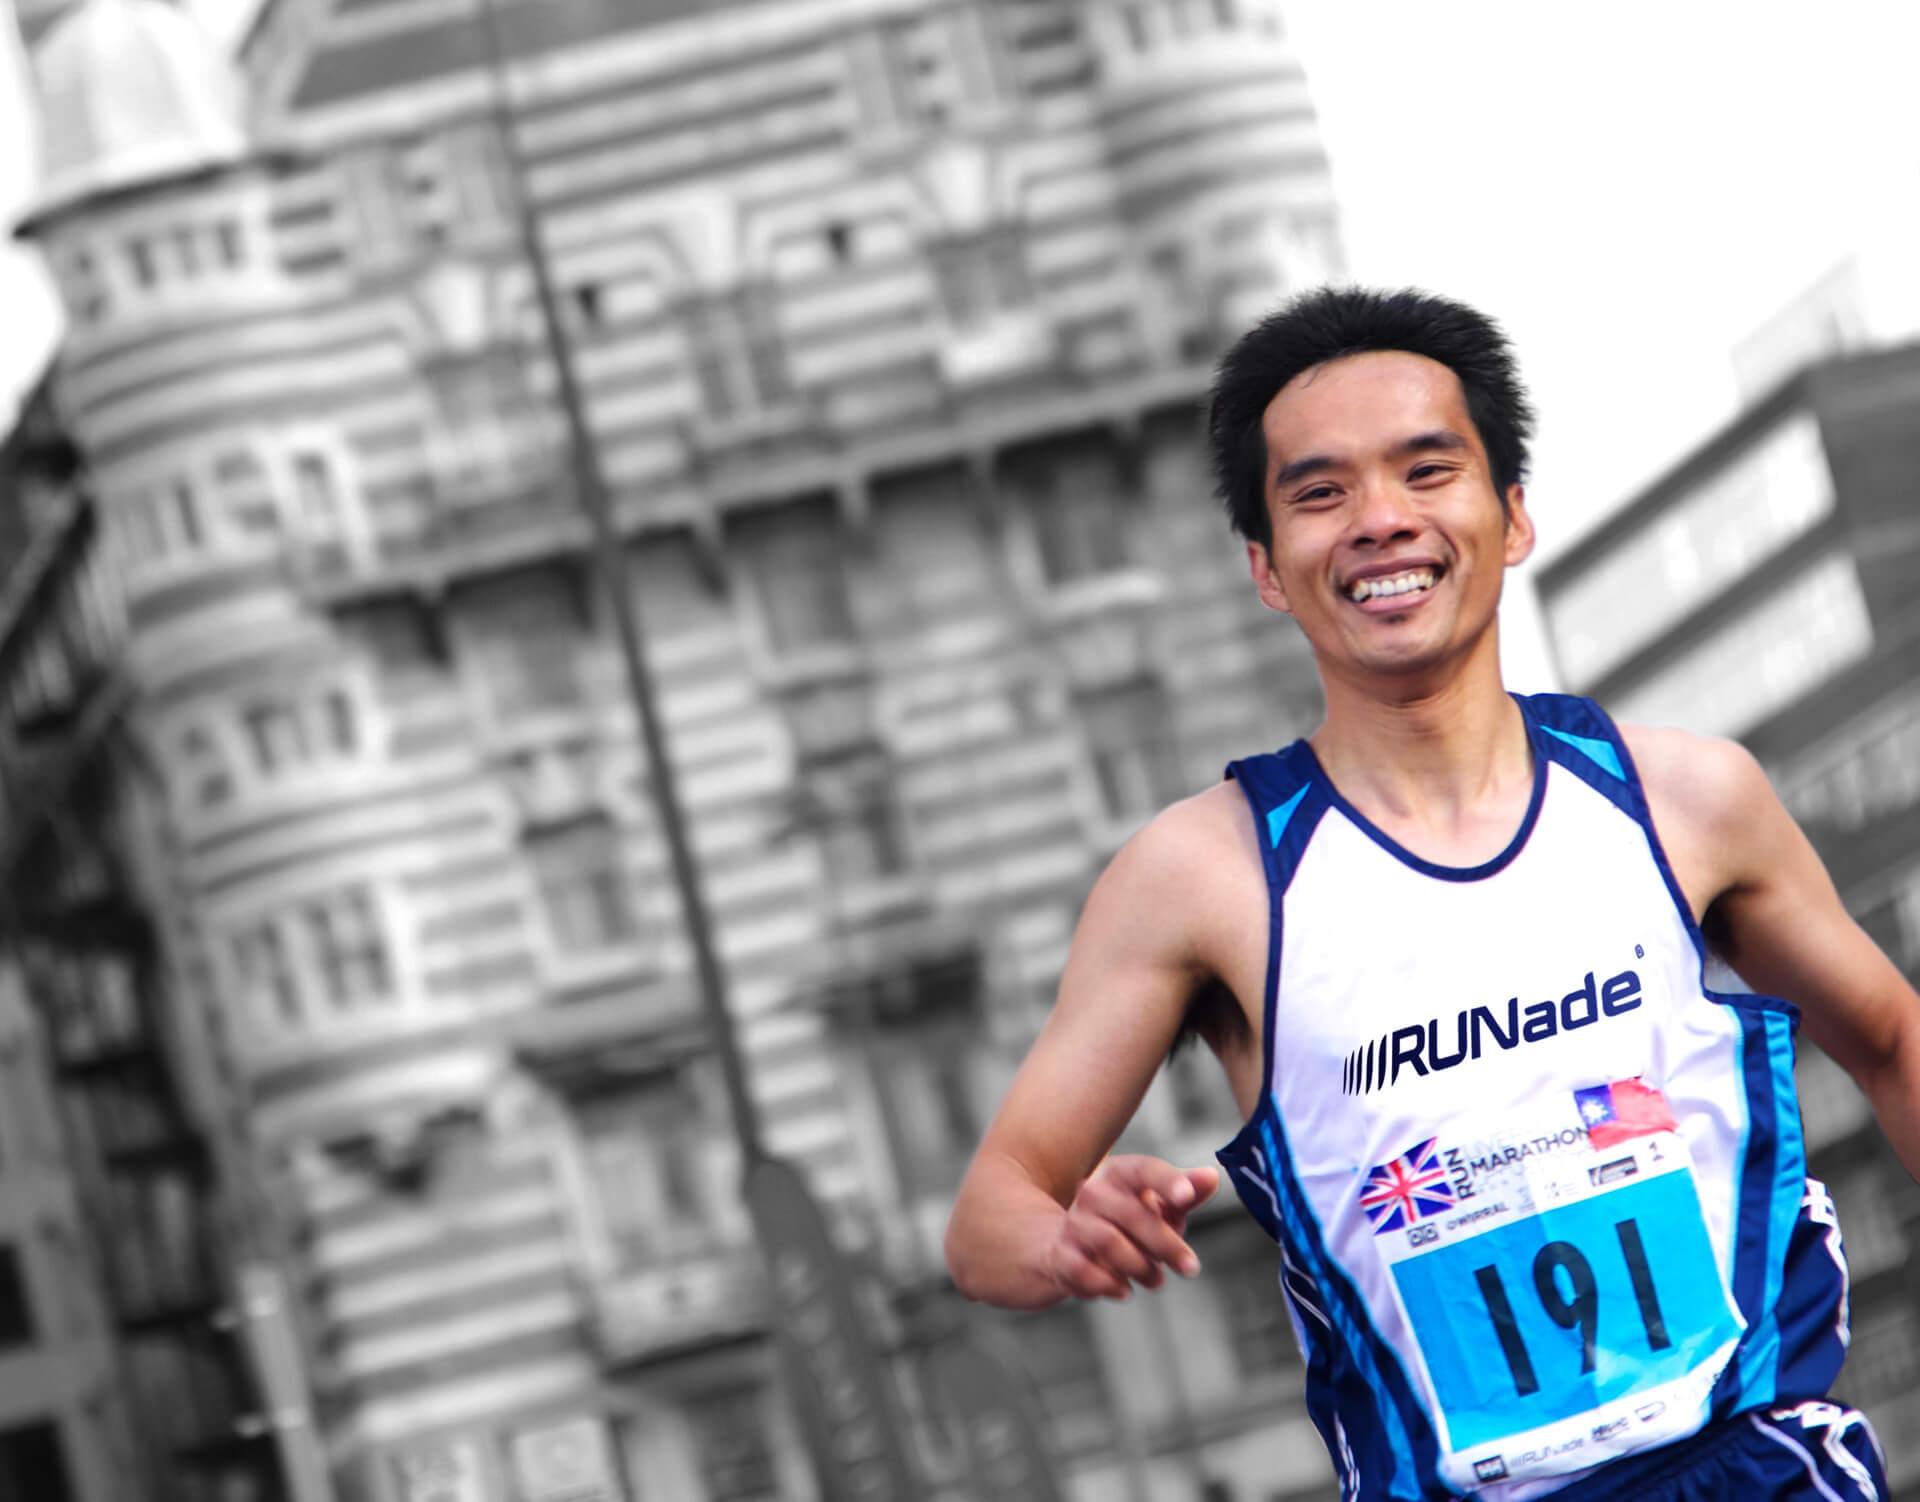 Runade-RunLiverpool Marathon-1